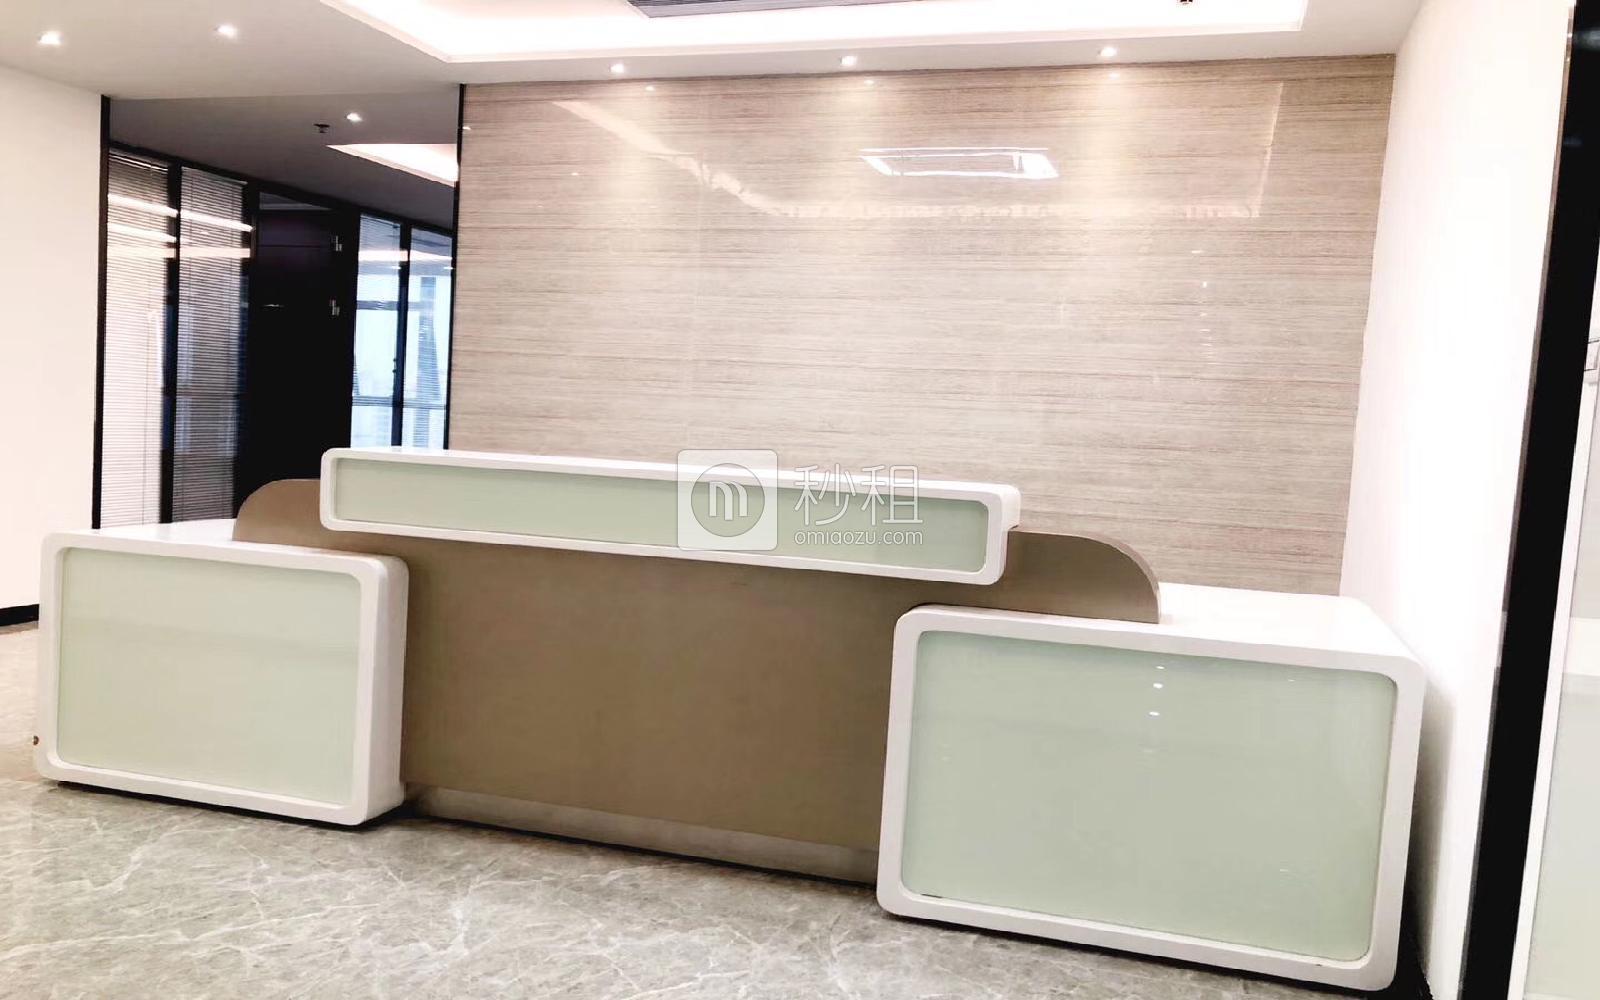 南山-科技园 西北工业大学三航科技大厦 556m²